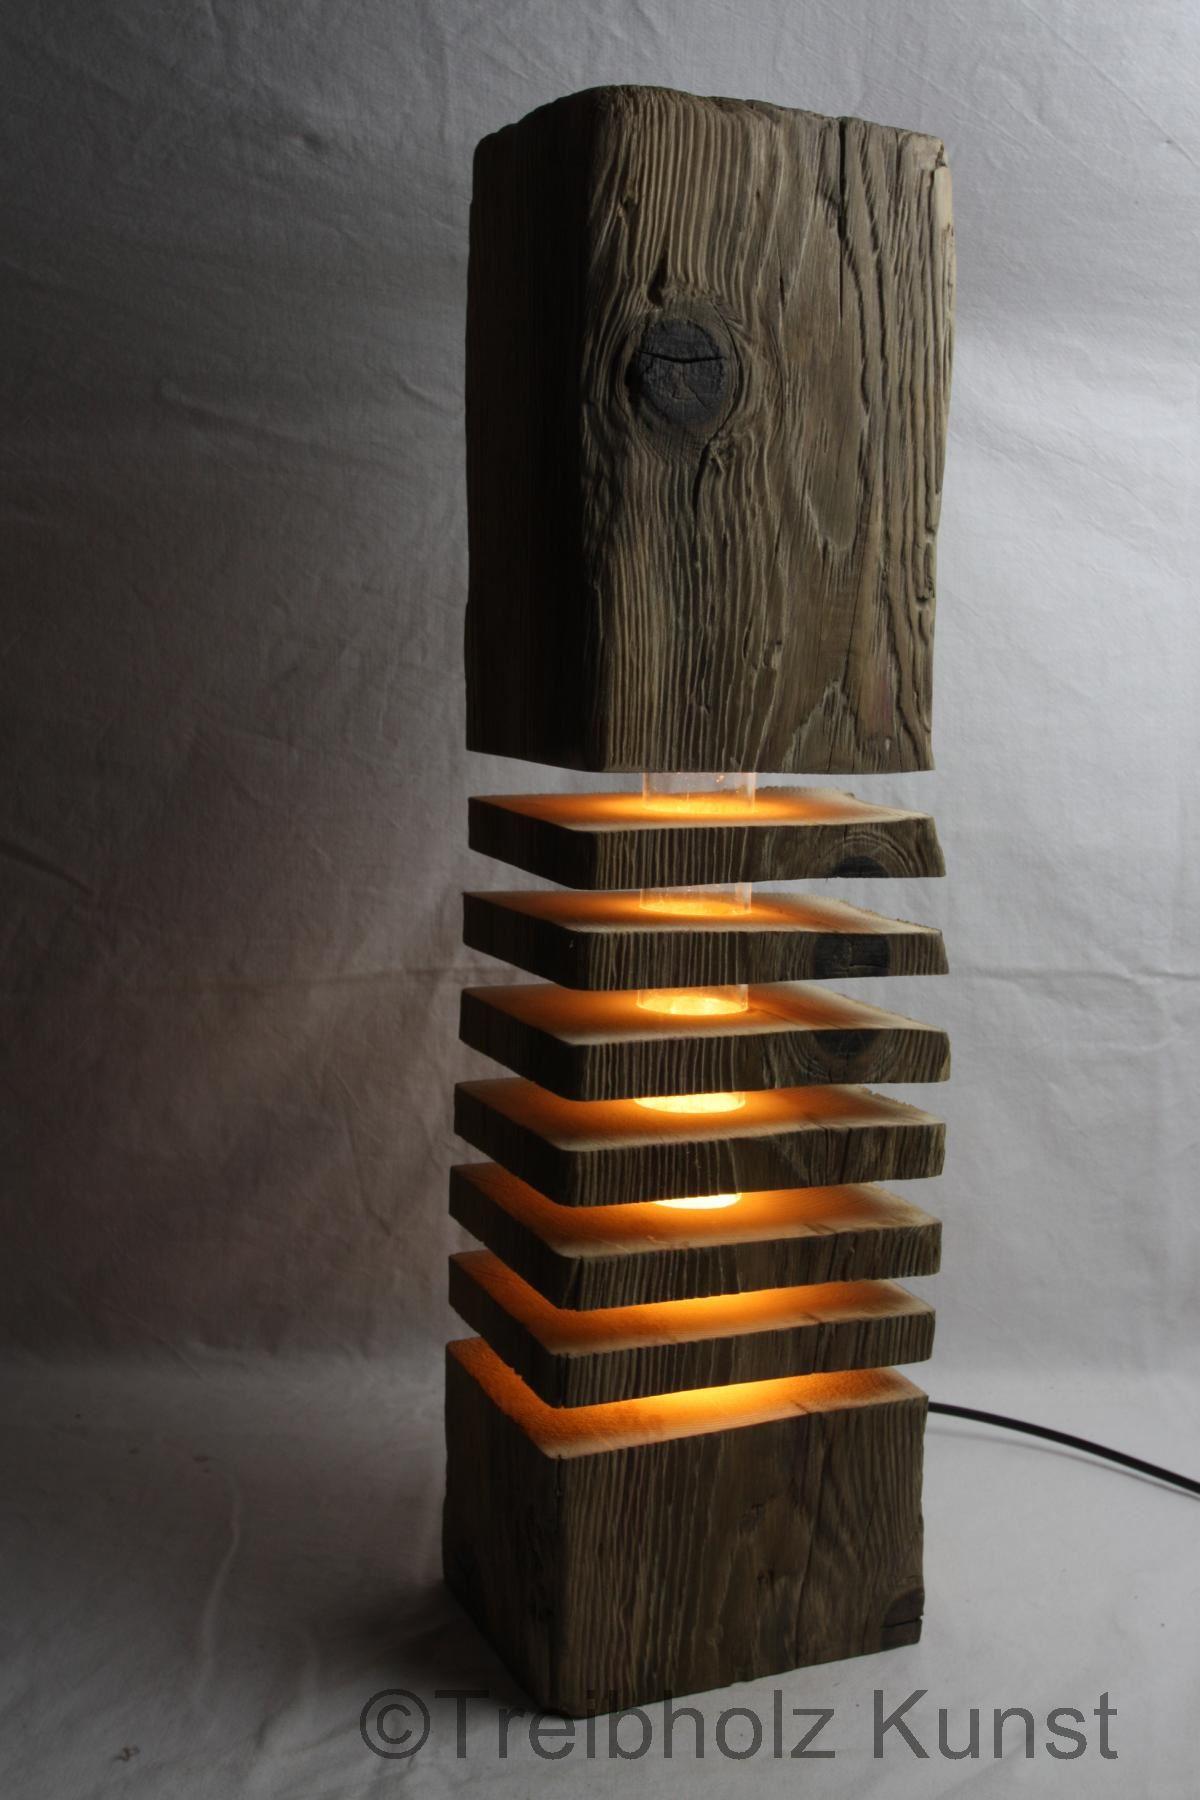 Full Size of Designer Lampen Wohnzimmer Einmalige Treibholz Bodenseede Stehlampen Sideboard Kommode Deko Rollo Teppich Pendelleuchte Deckenleuchten Heizkörper Komplett Wohnzimmer Designer Lampen Wohnzimmer